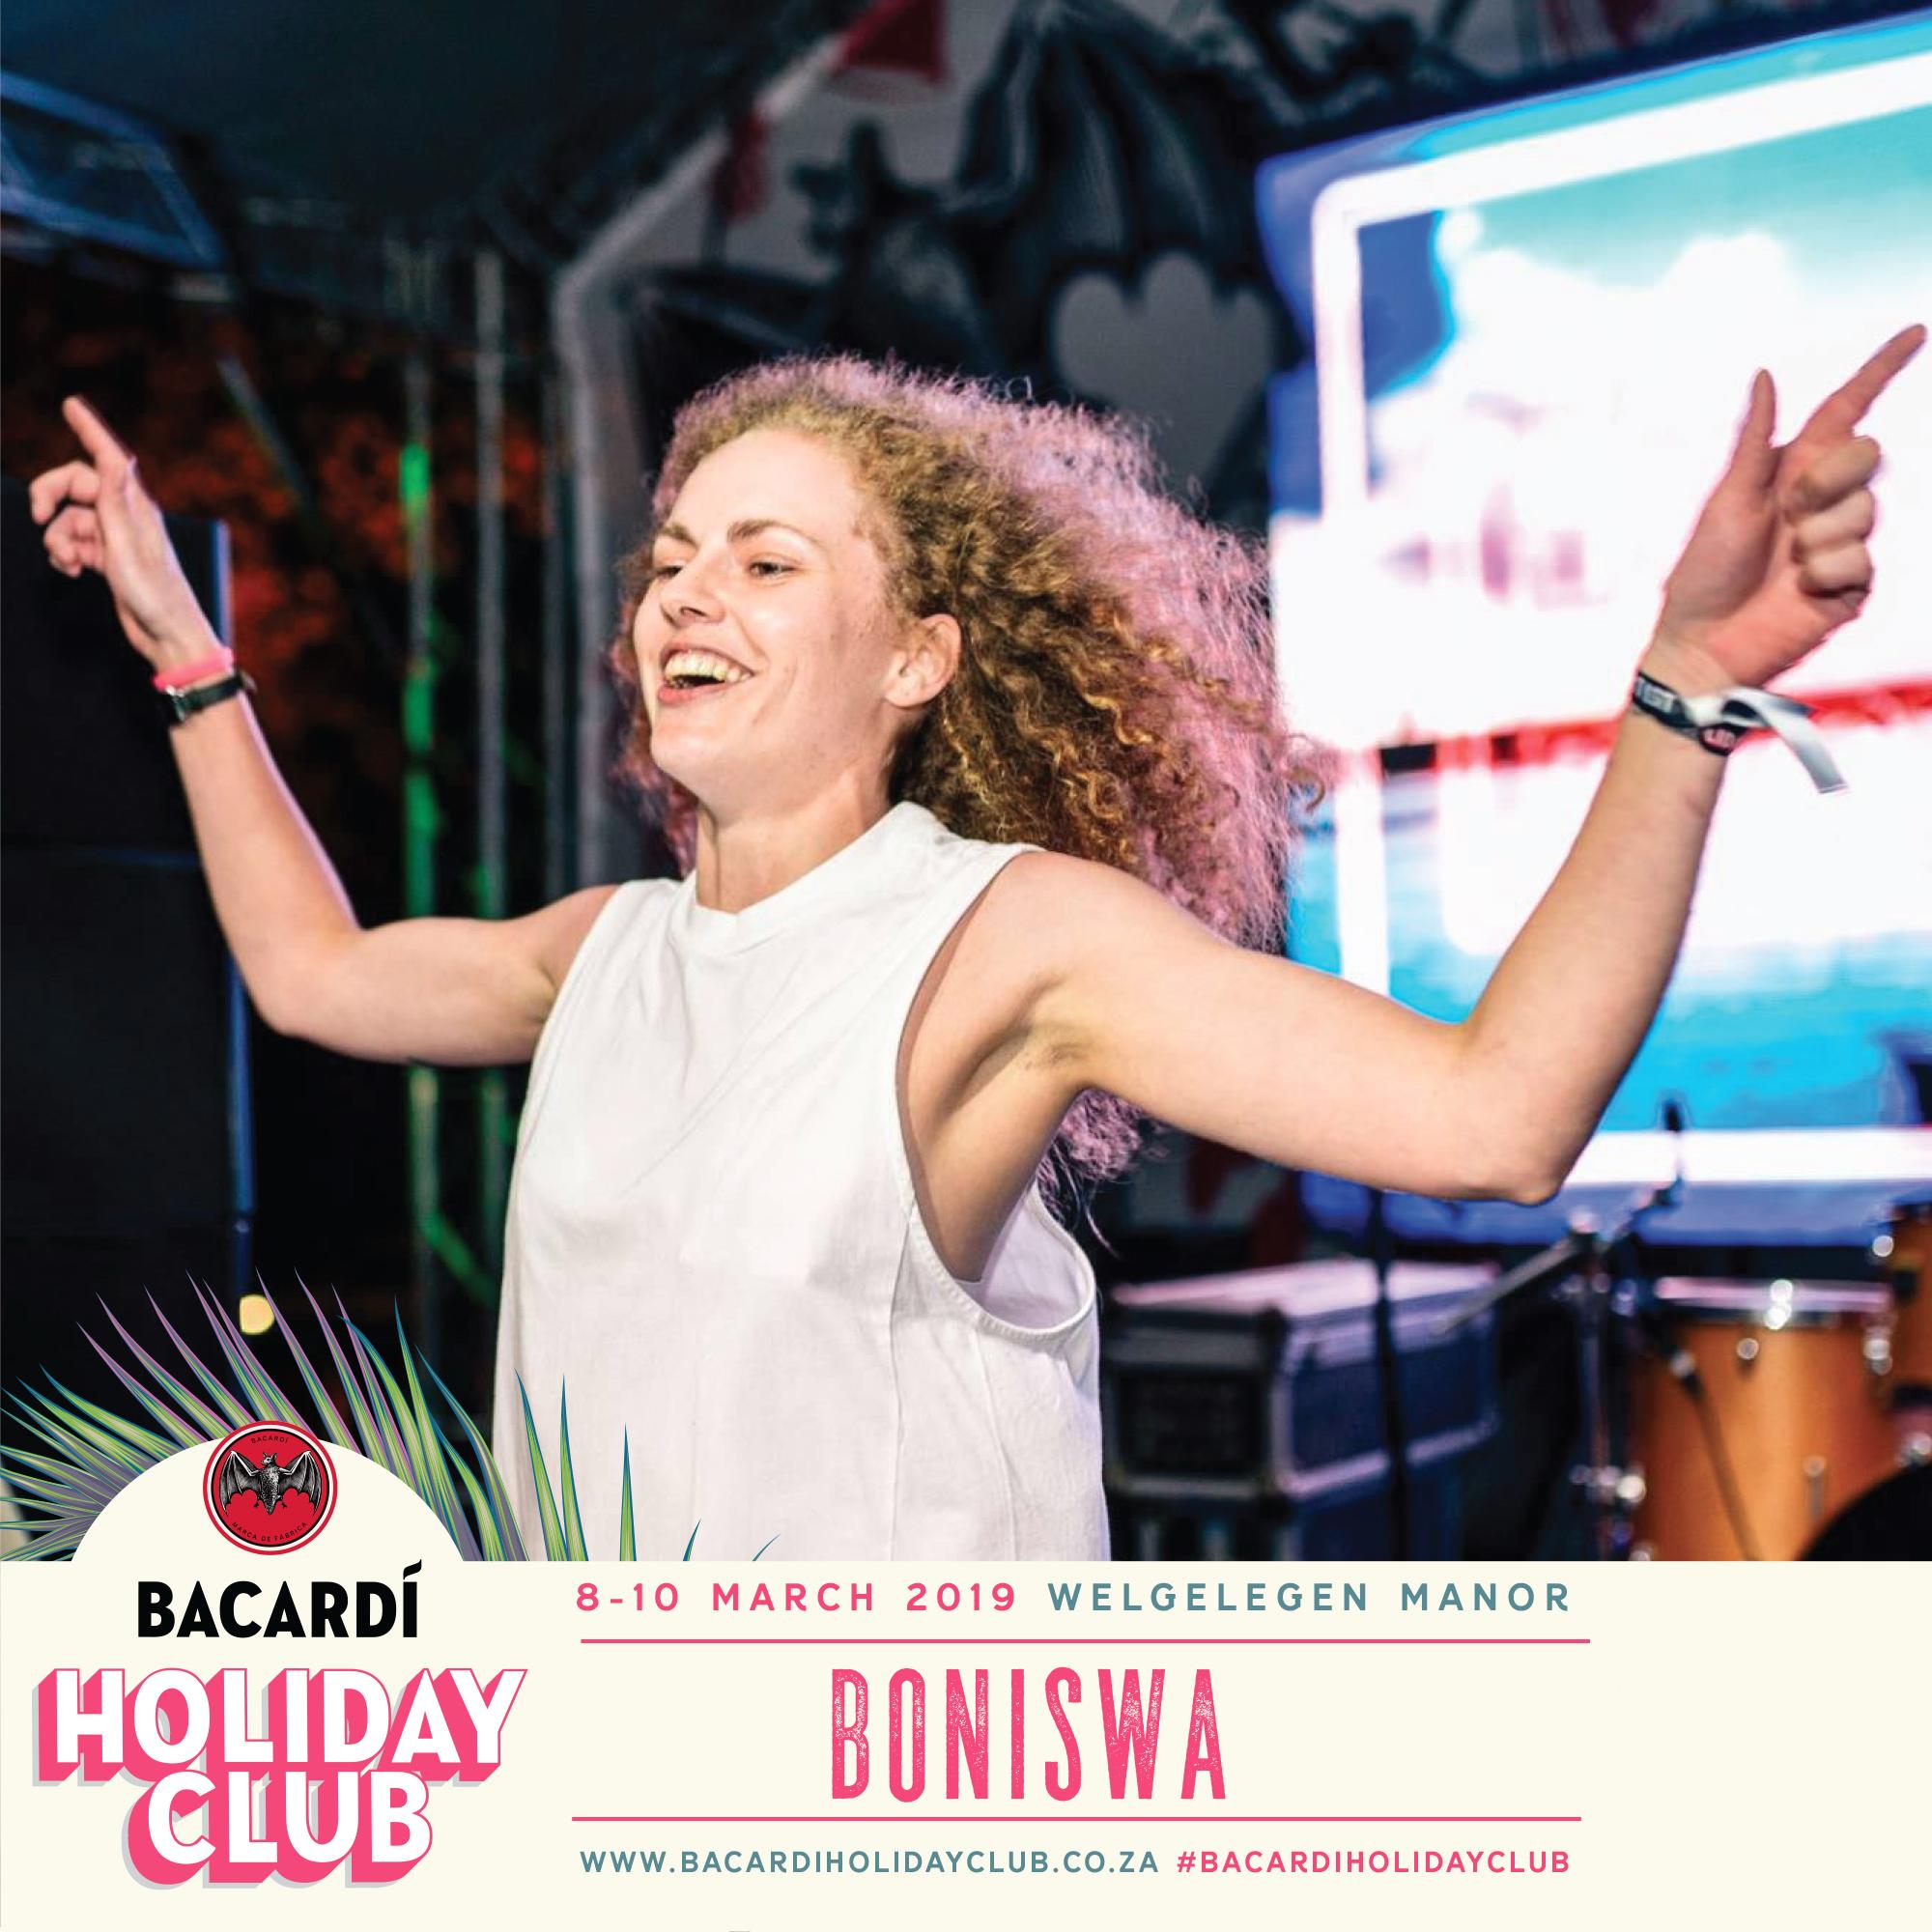 Boniswa